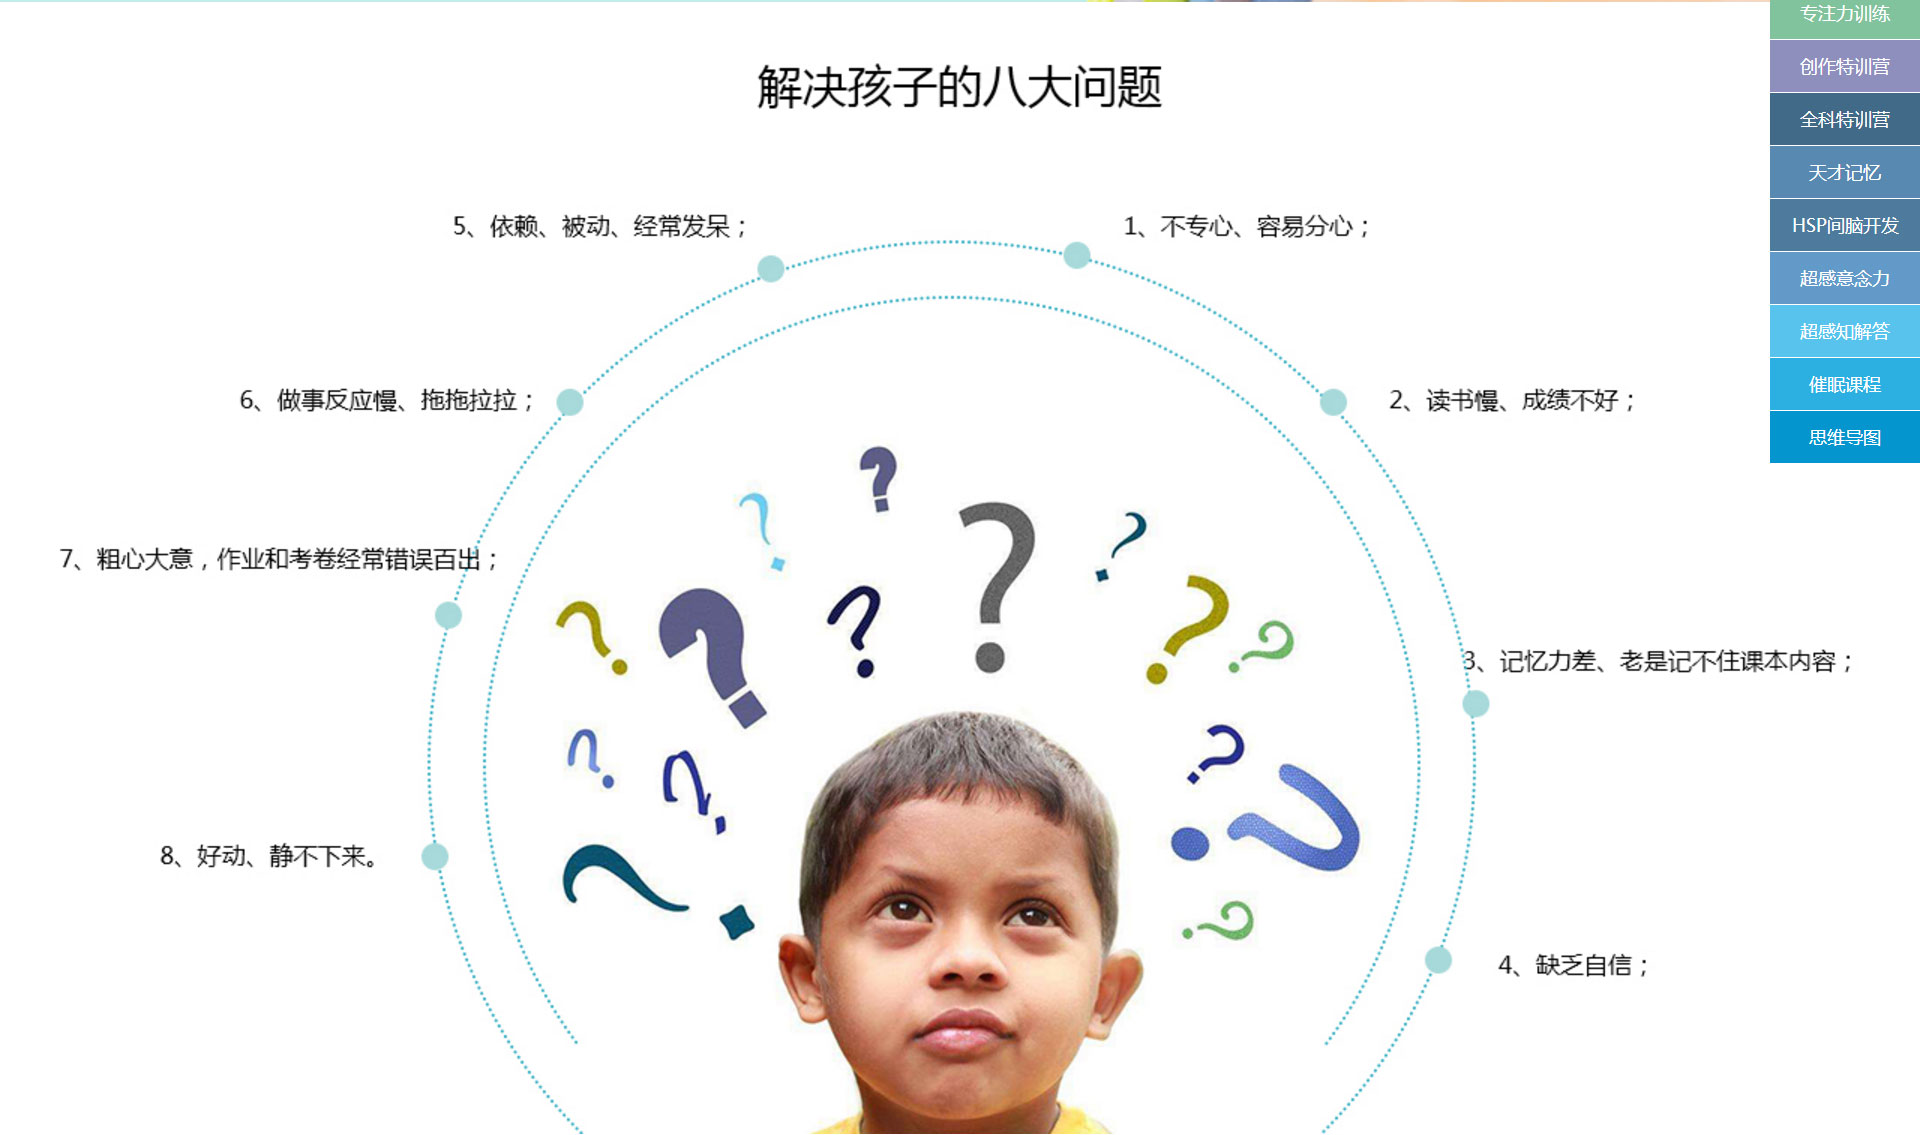 课程中心-_-门萨智读_门萨教育官网_03.jpg